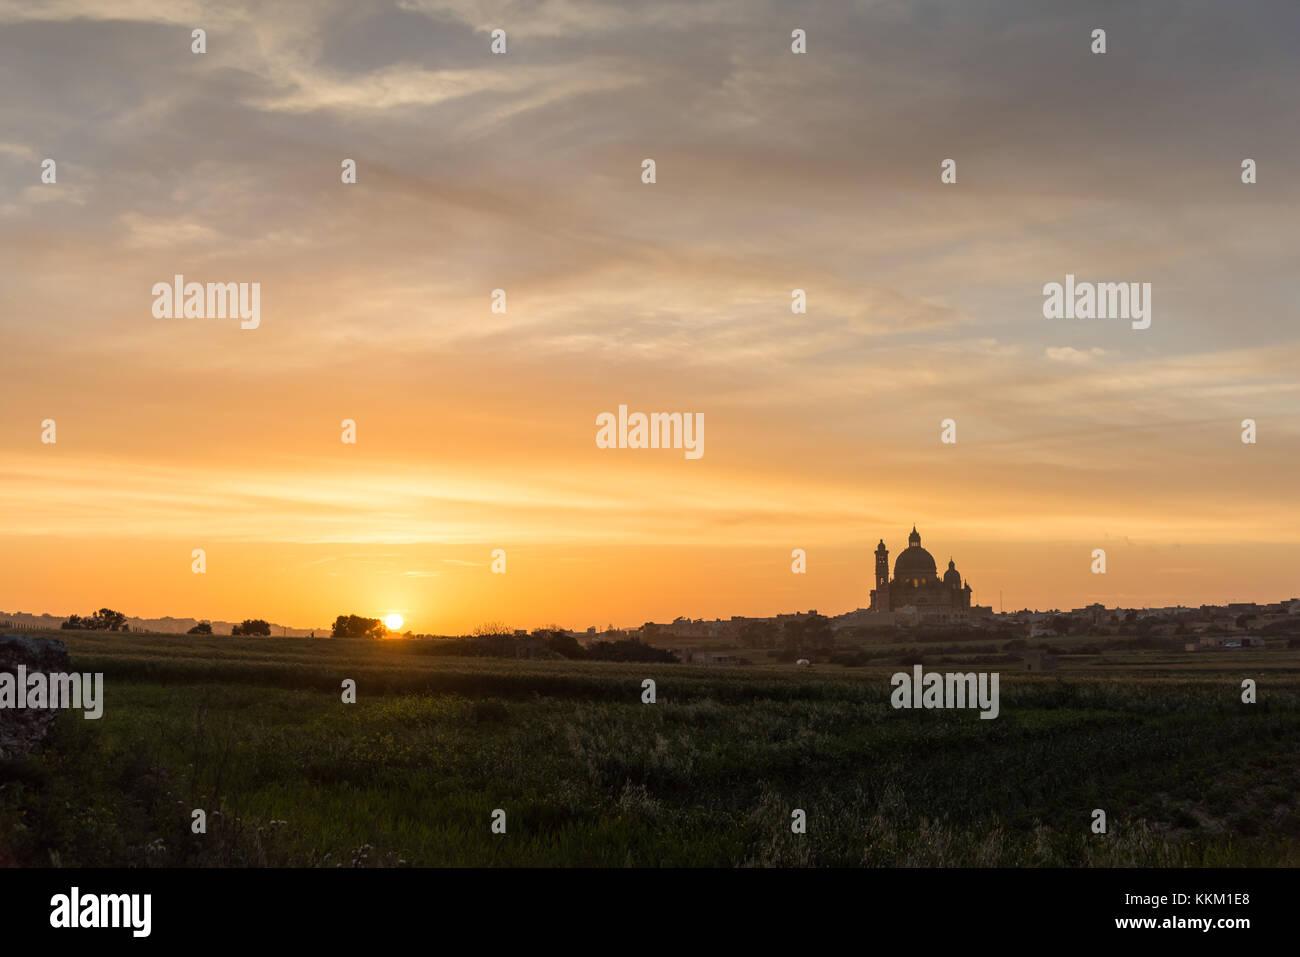 Puesta de sol detrás de la Basílica de San Jorge creando una silueta , Victoria Gozo Malta Europa Foto de stock